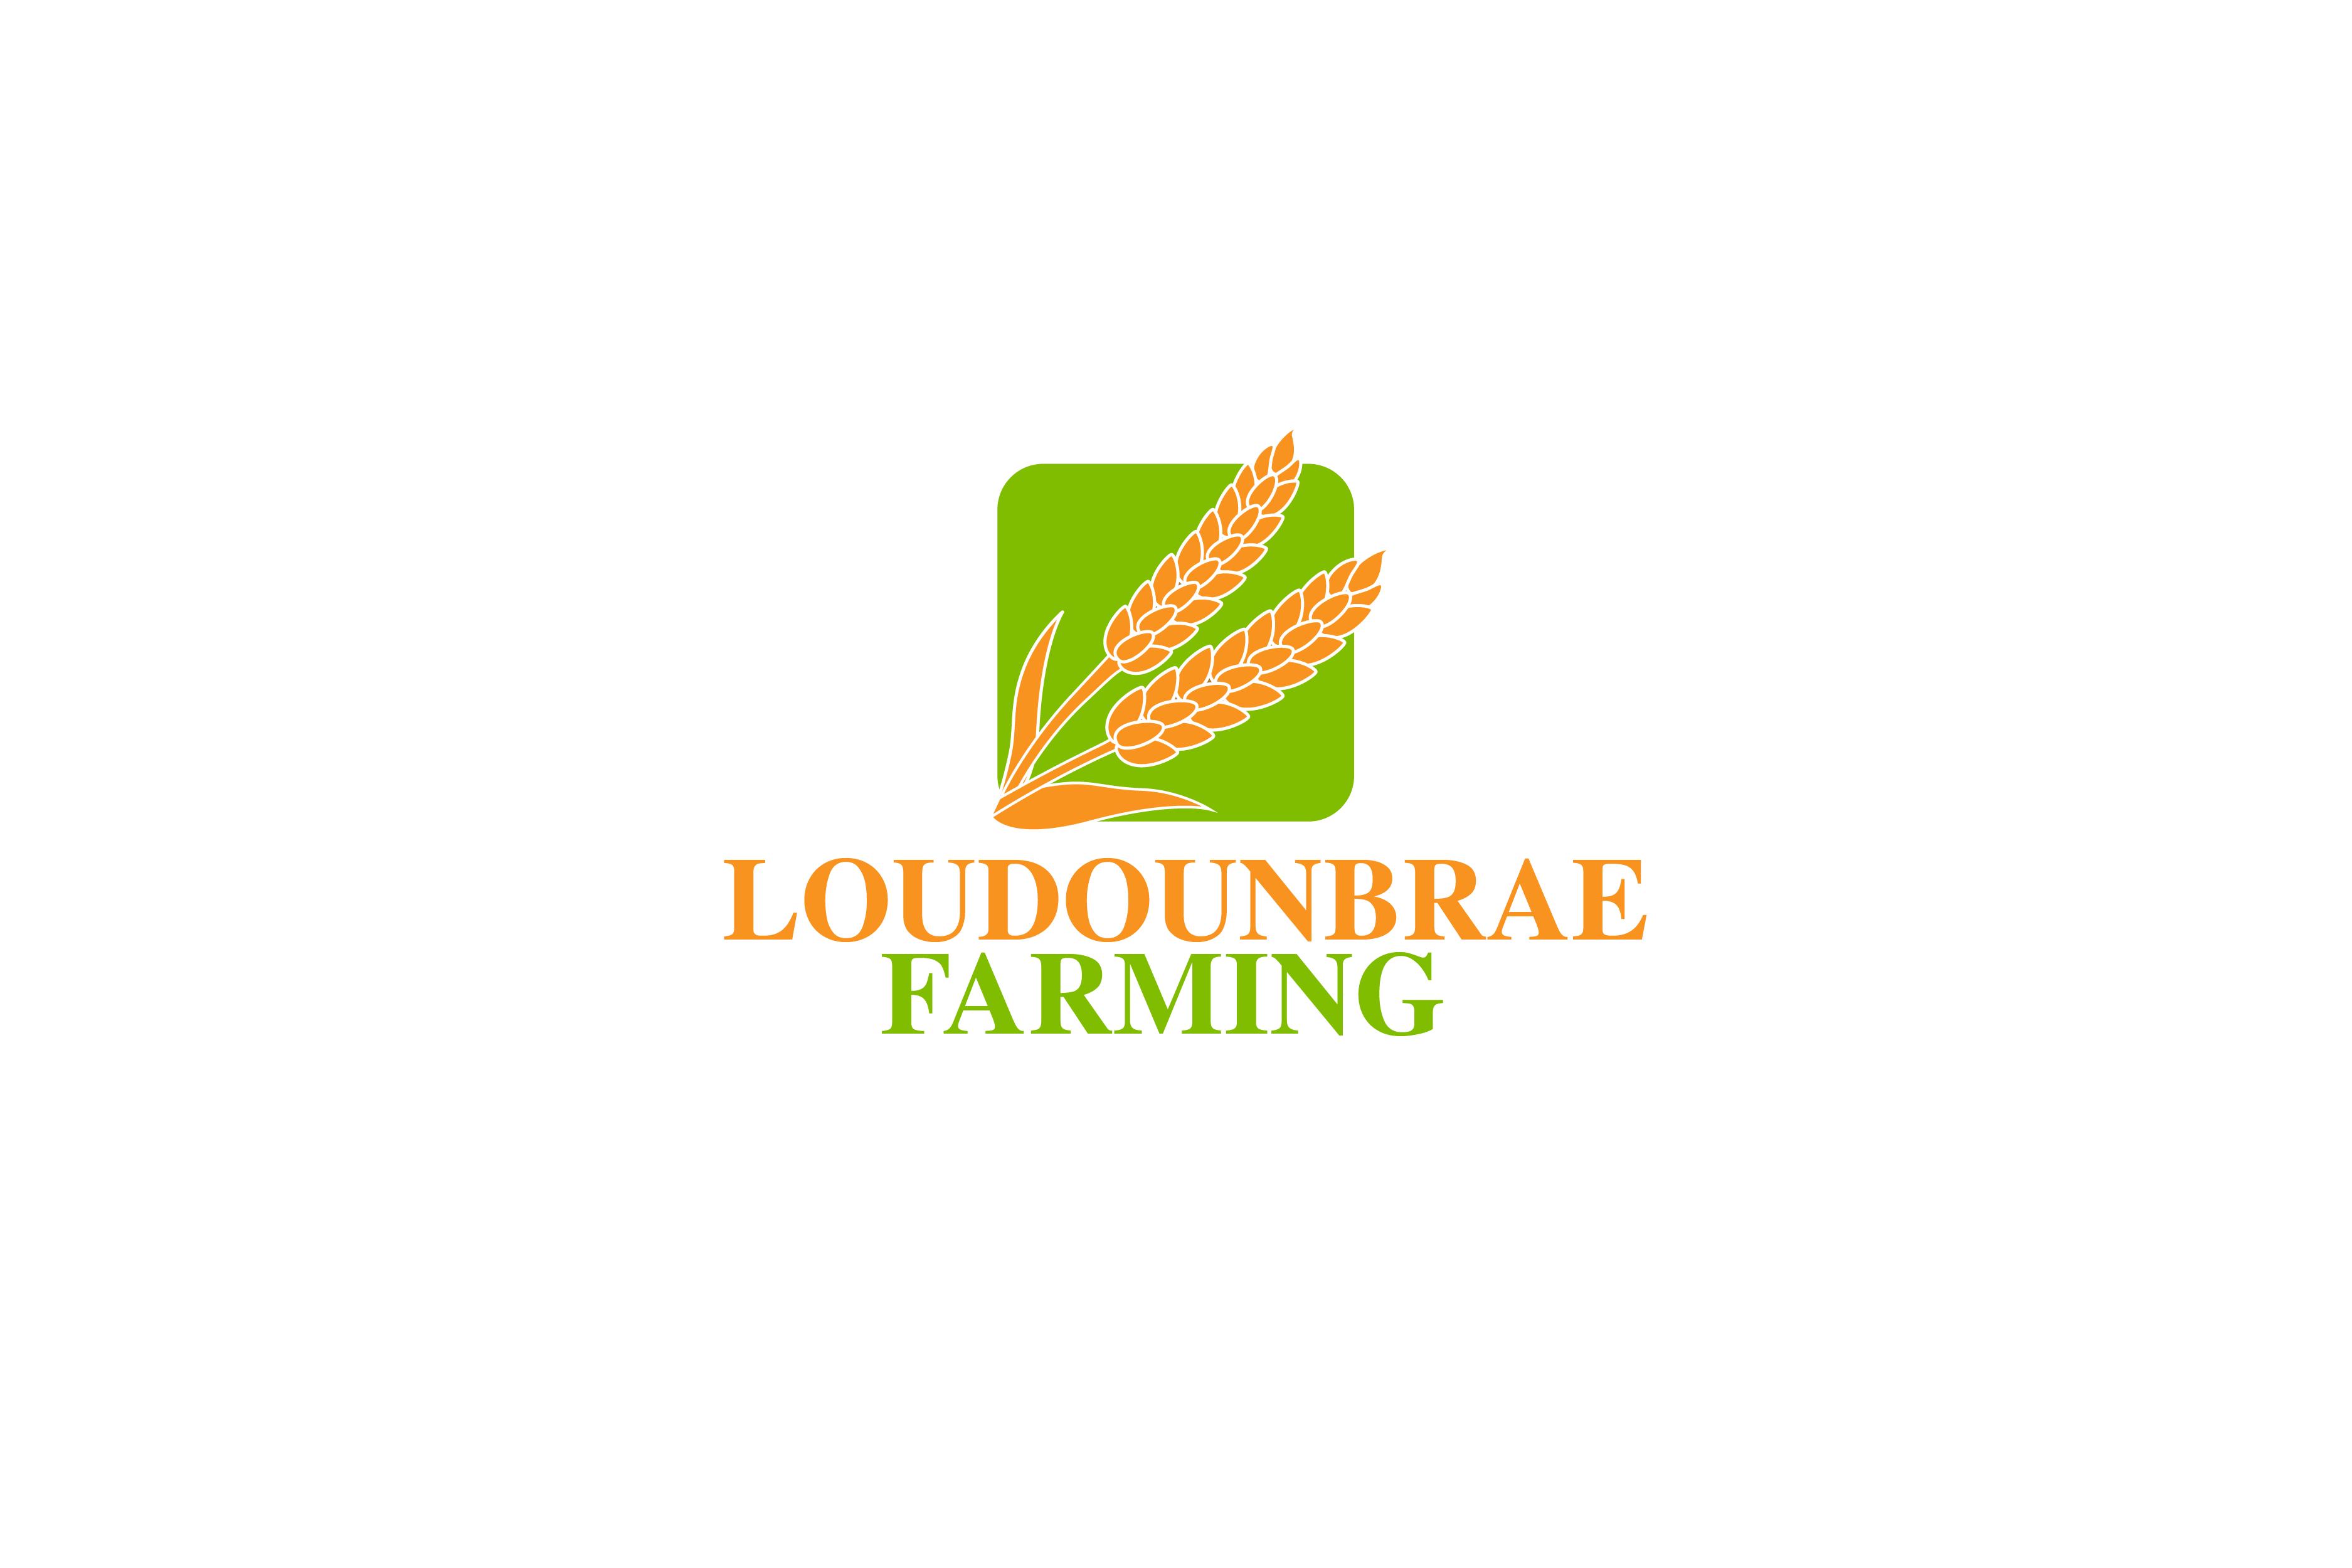 Logo Design by Private User - Entry No. 100 in the Logo Design Contest Creative Logo Design for Loudounbrae Farming.